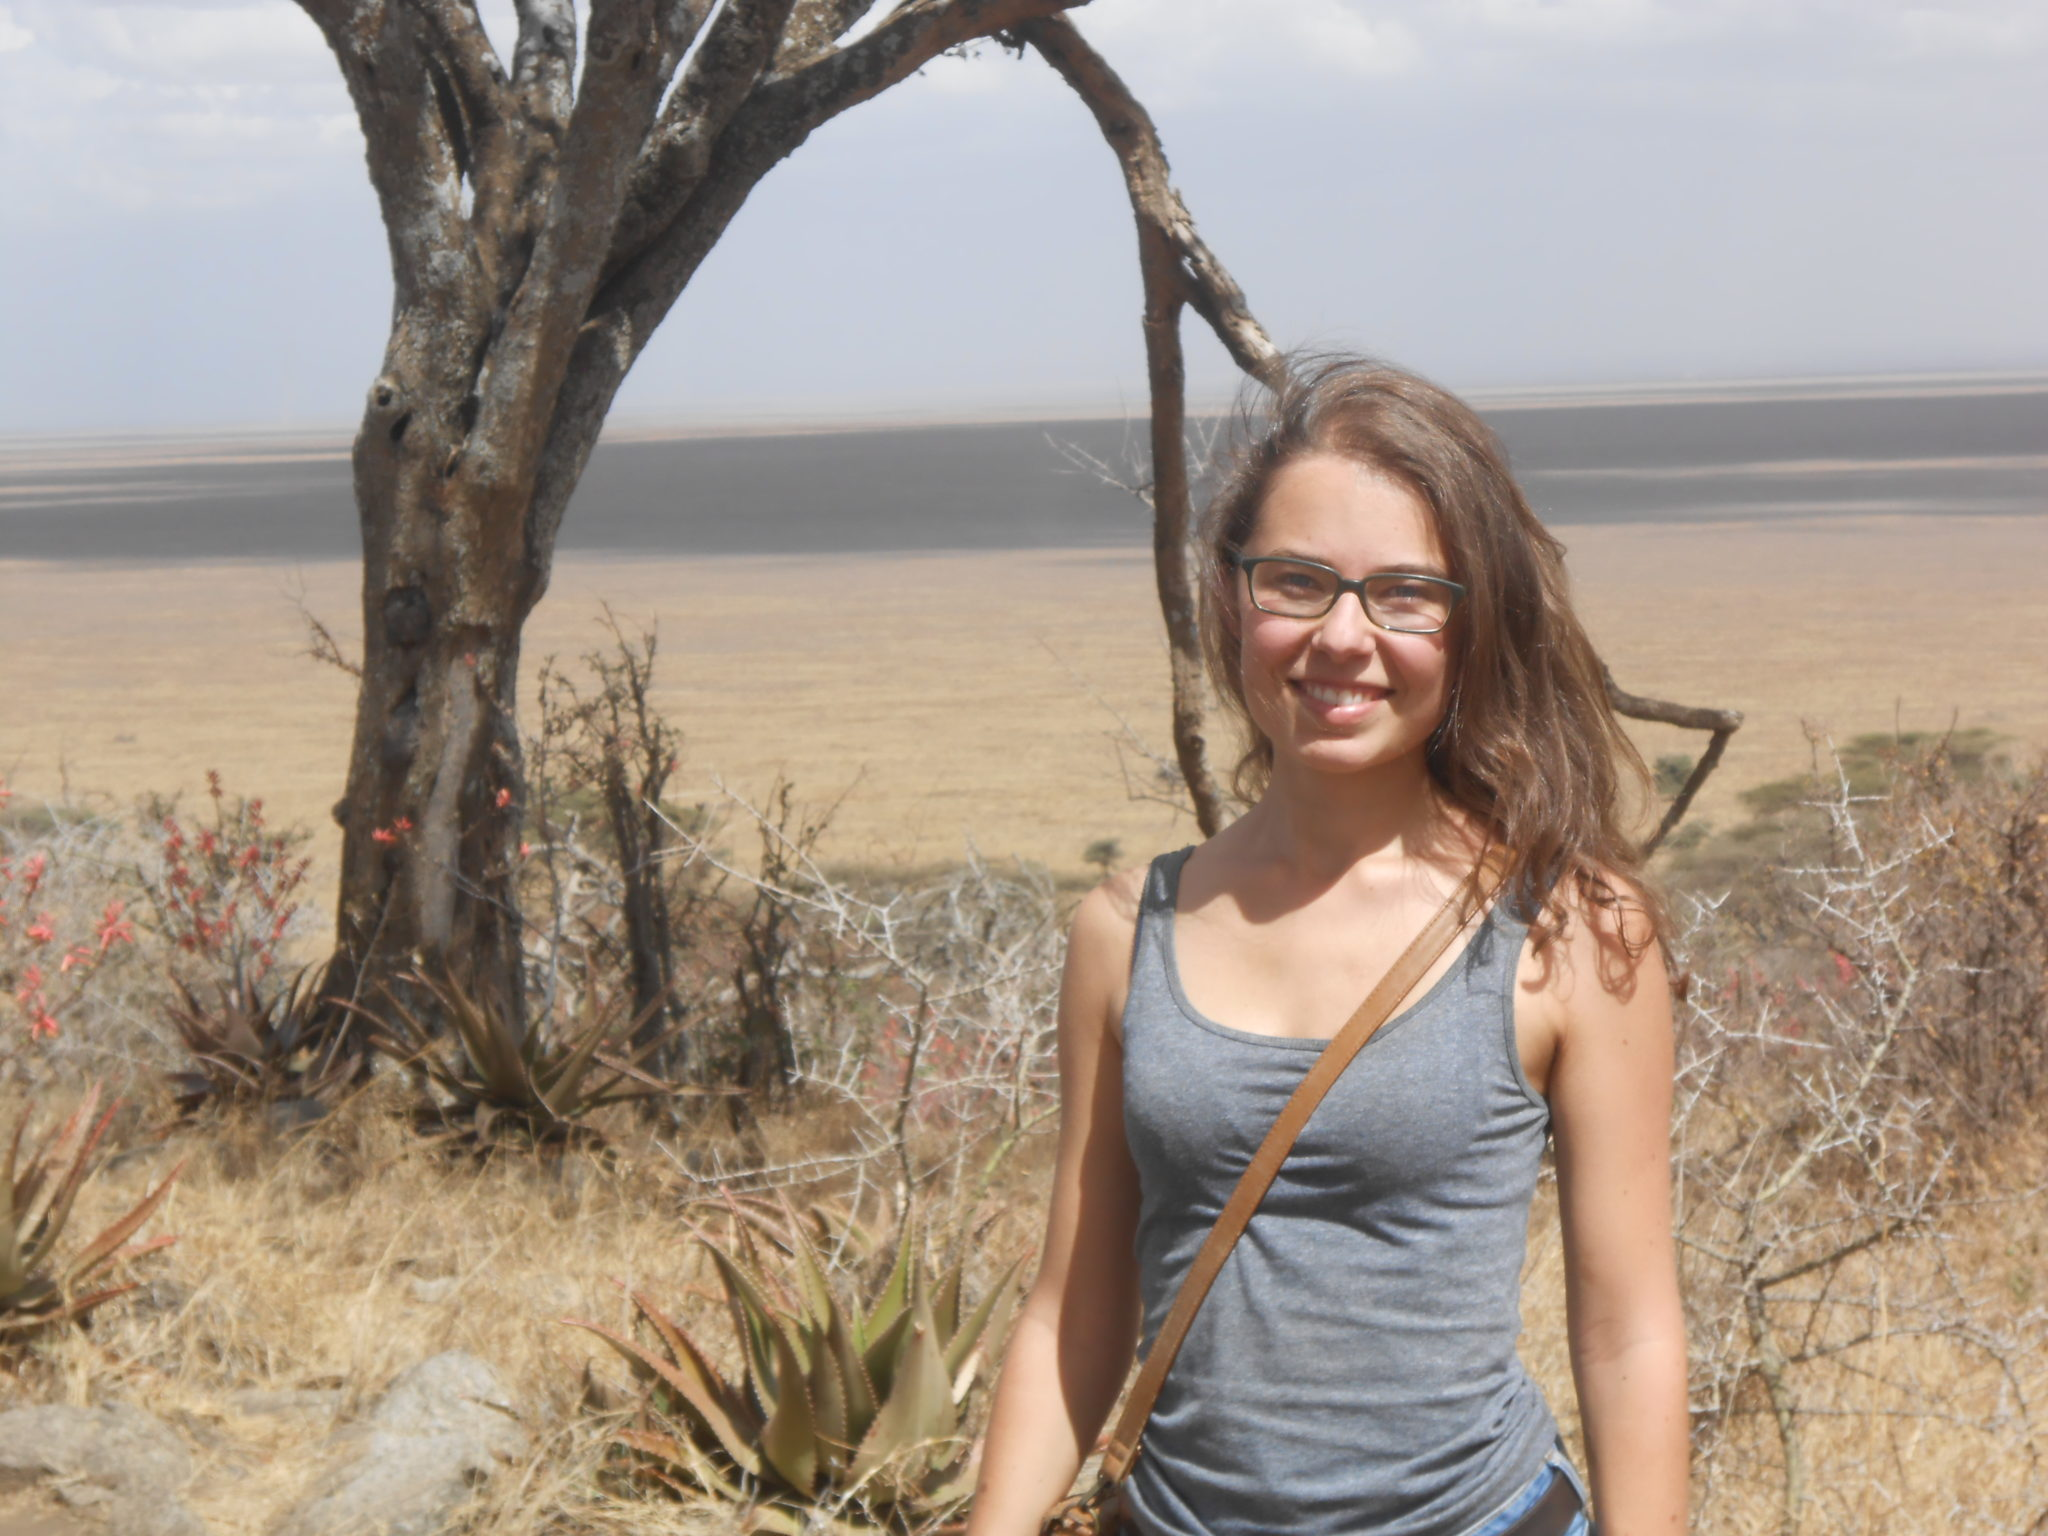 Voor het binnenrijden van de Serengeti namen we de tijd voor enkele foto's op de top van de kopje (heuvel) waarop de gate is gevestigd